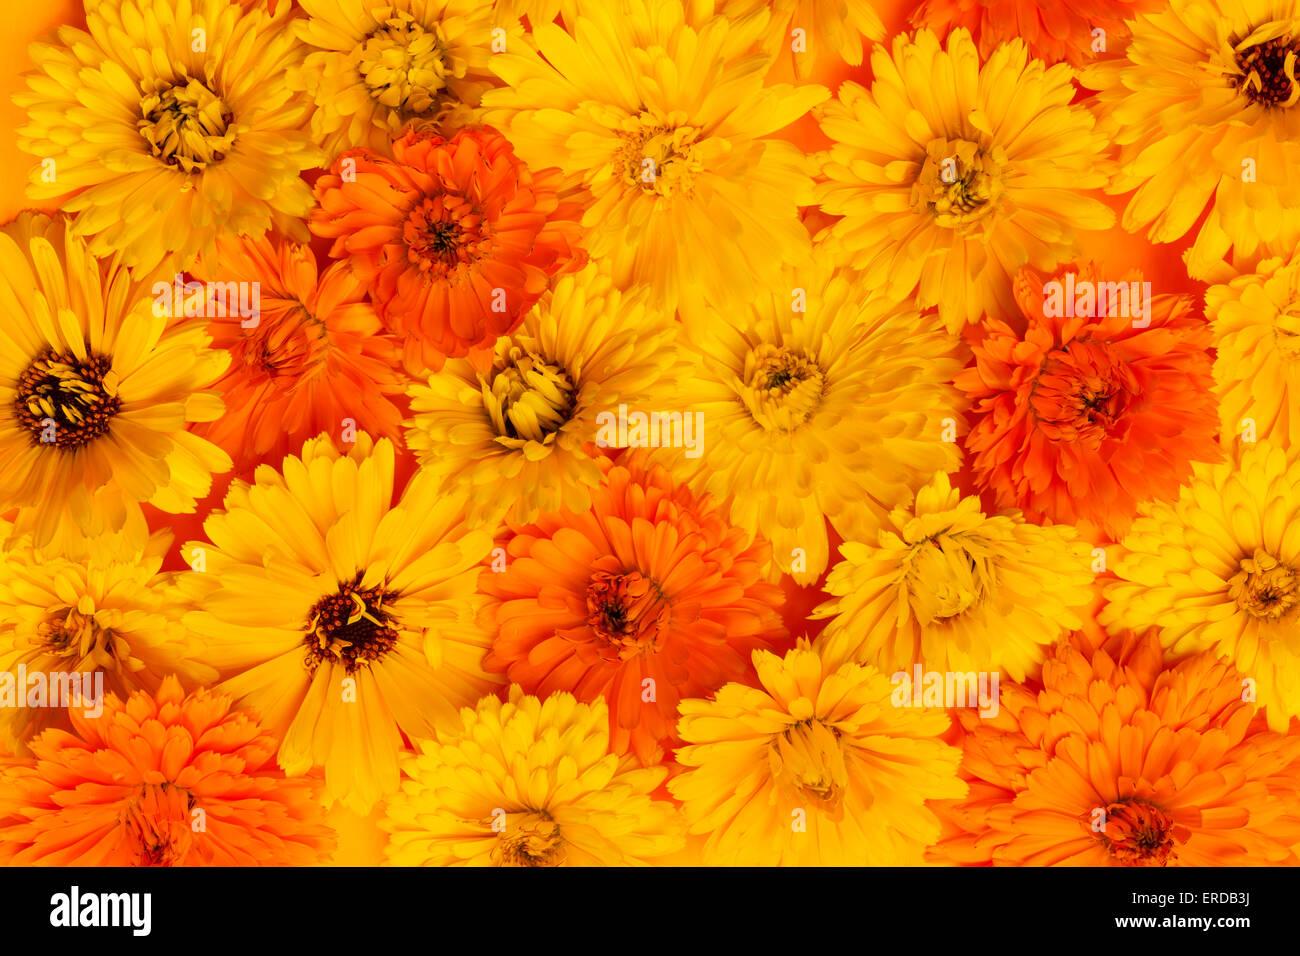 Fiori Gialli E Arancioni.Giallo E Arancione Di Medicinali O Di Calendula Calendula Fiori